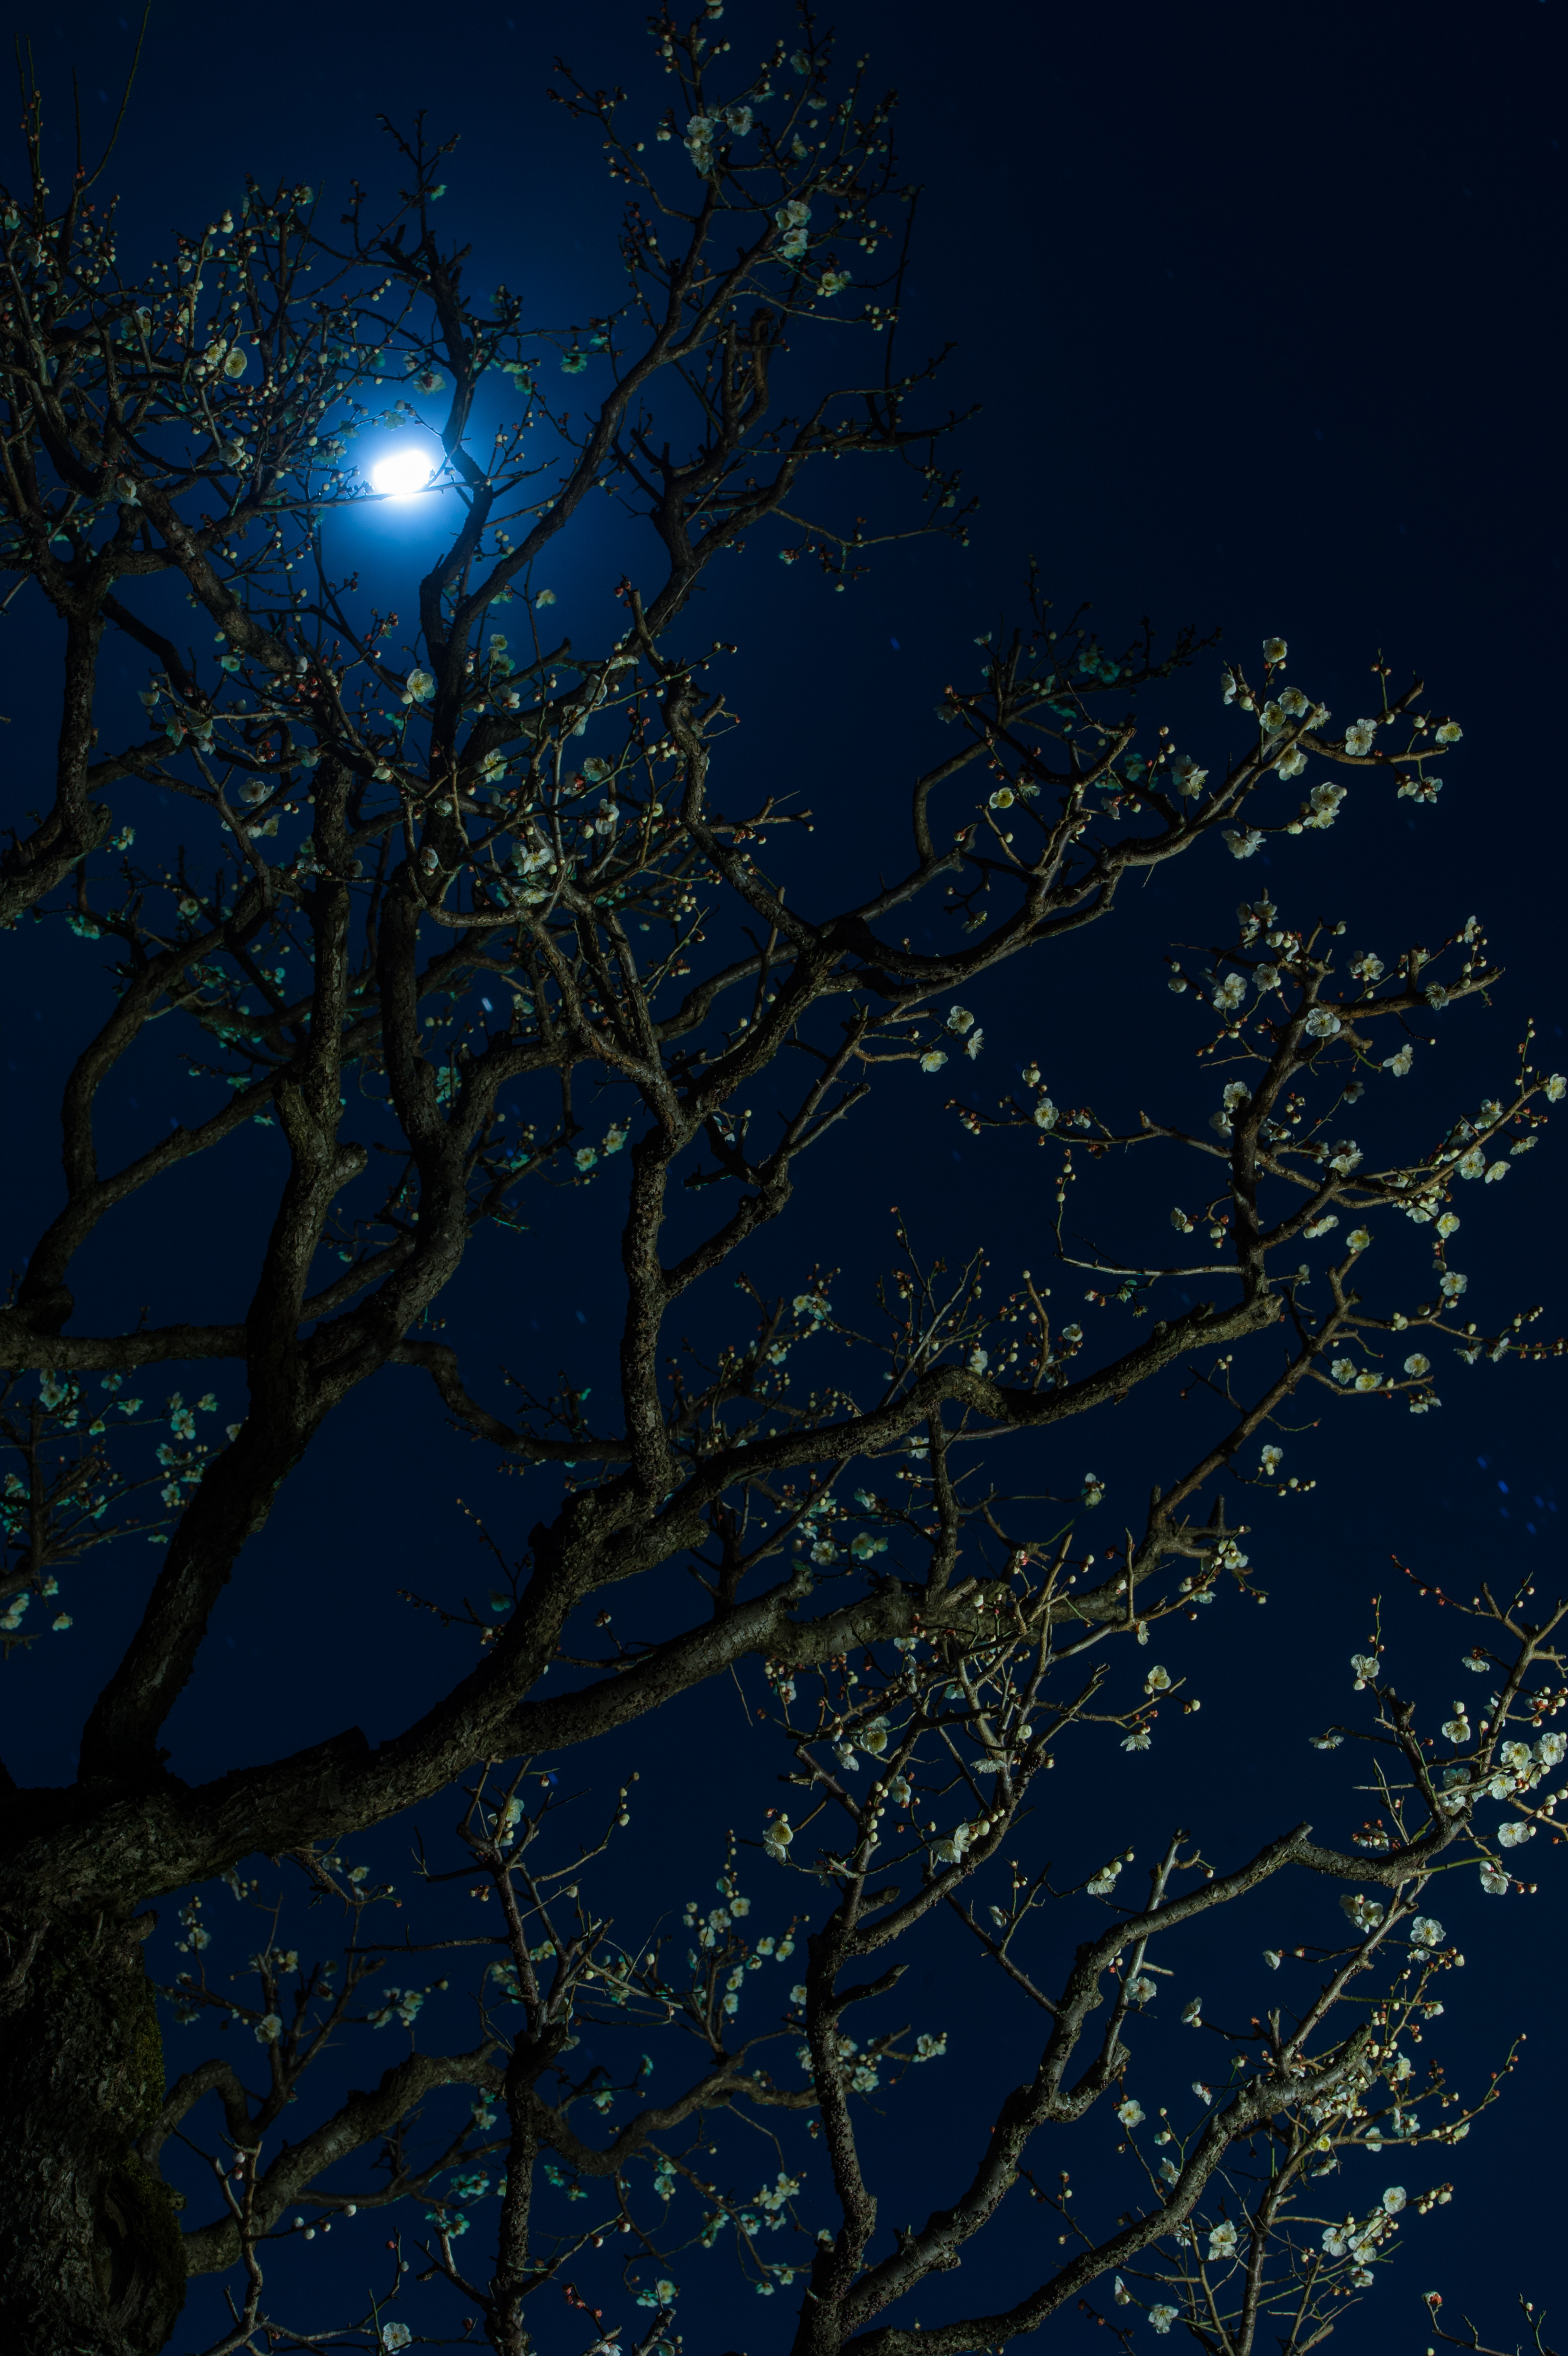 80076 Заставки и Обои Вишня на телефон. Скачать Цветы, Вишня, Ночь, Луна, Темные, Дерево, Темный картинки бесплатно